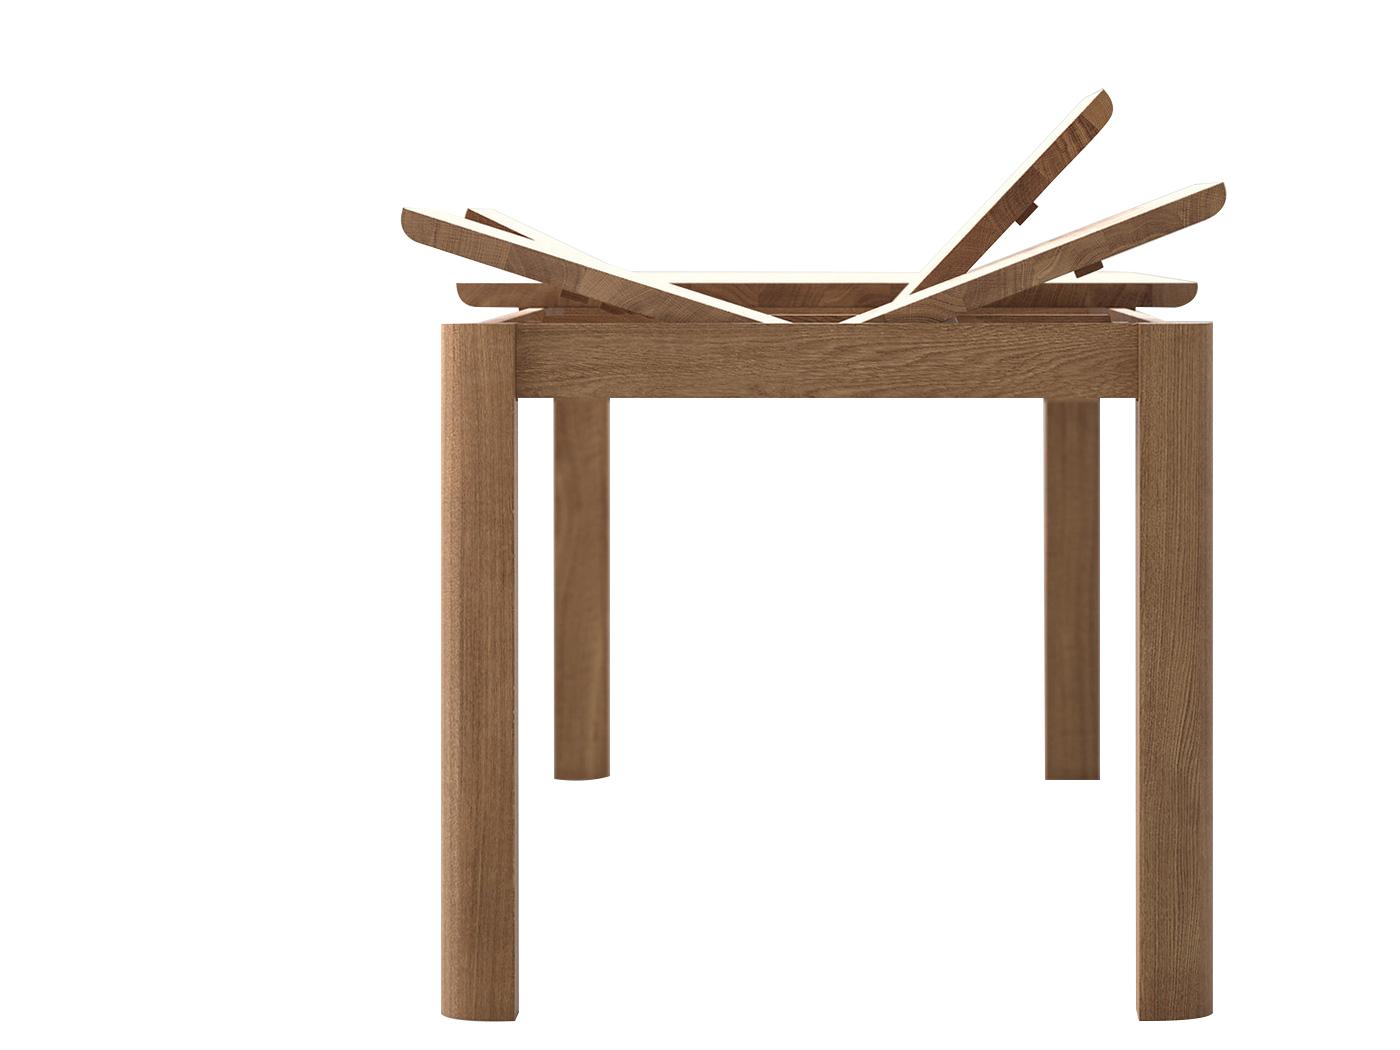 Vierkante Uitschuif Eettafel.Bonn Uitschuifbare Eettafel